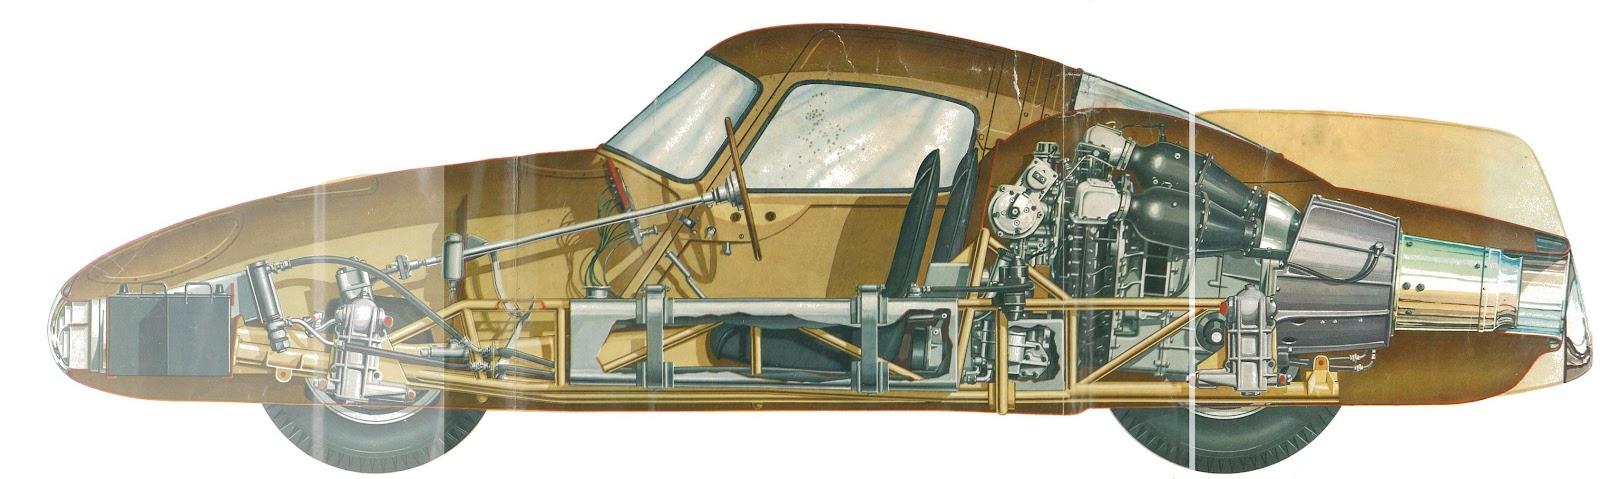 Karznshit 54 Fiat 8v Turbina